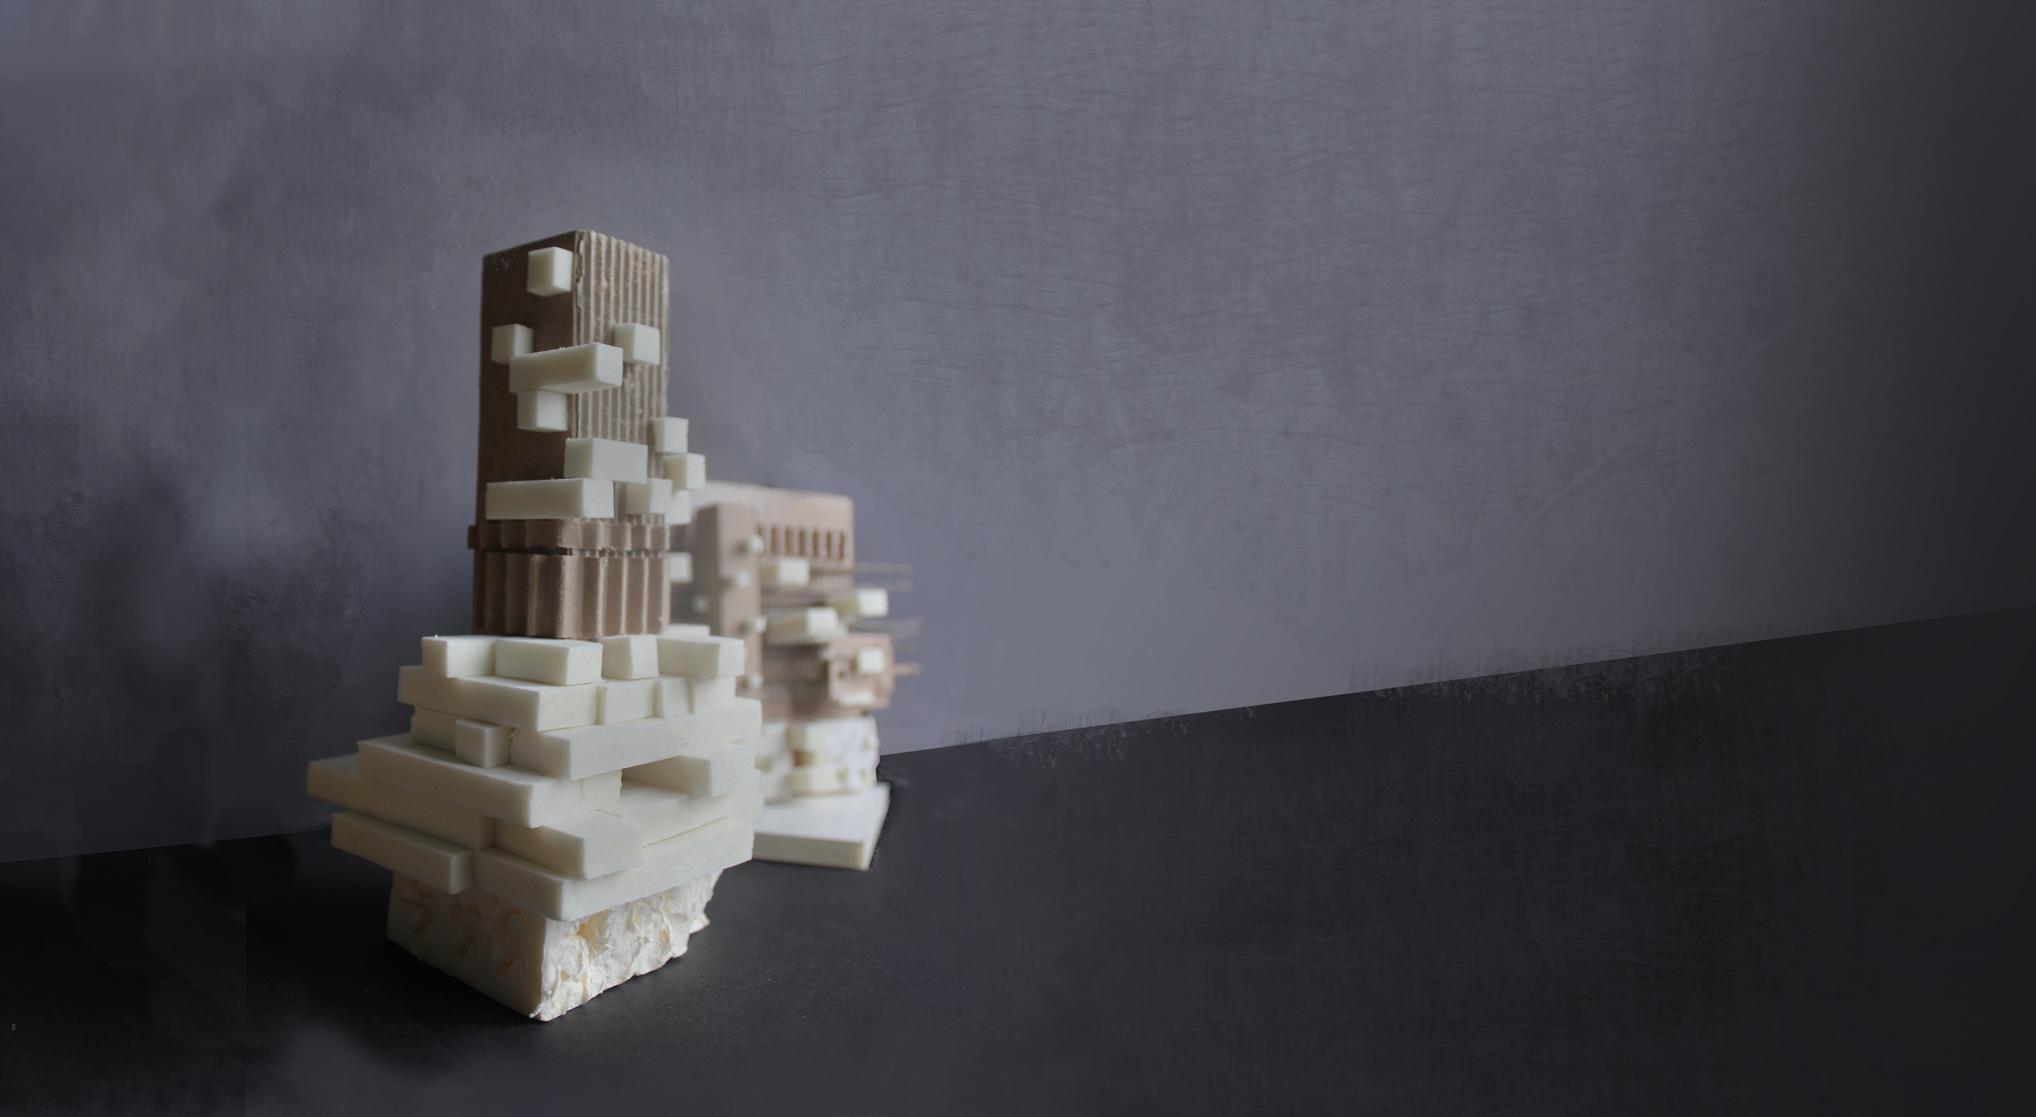 Palazzo Wall - study